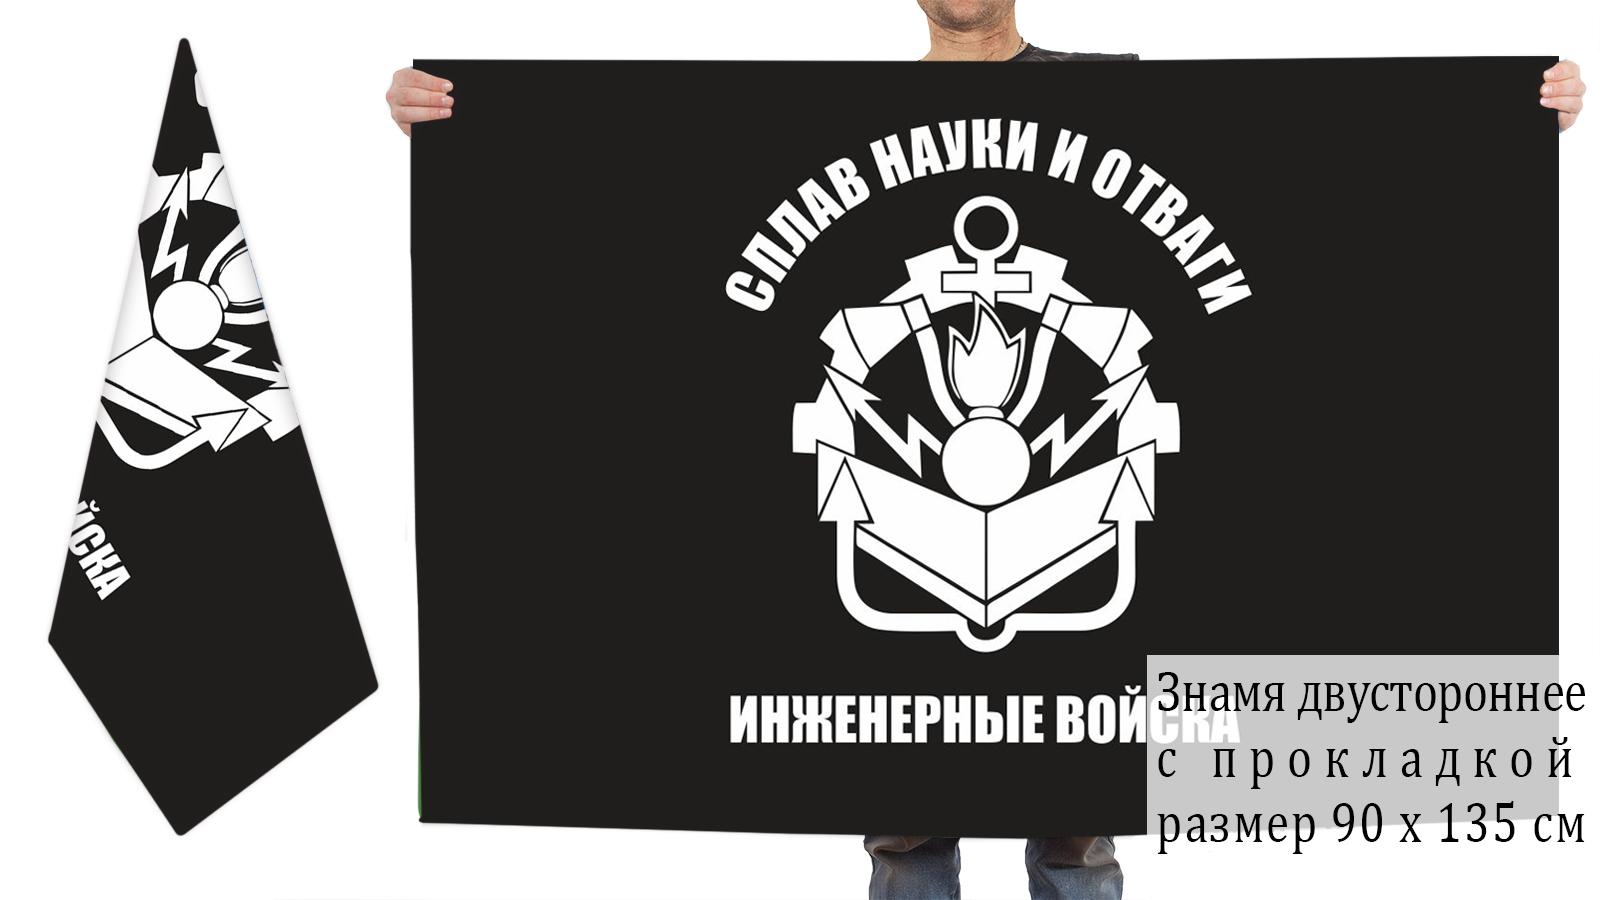 Двусторонний флаг Инженерные войска